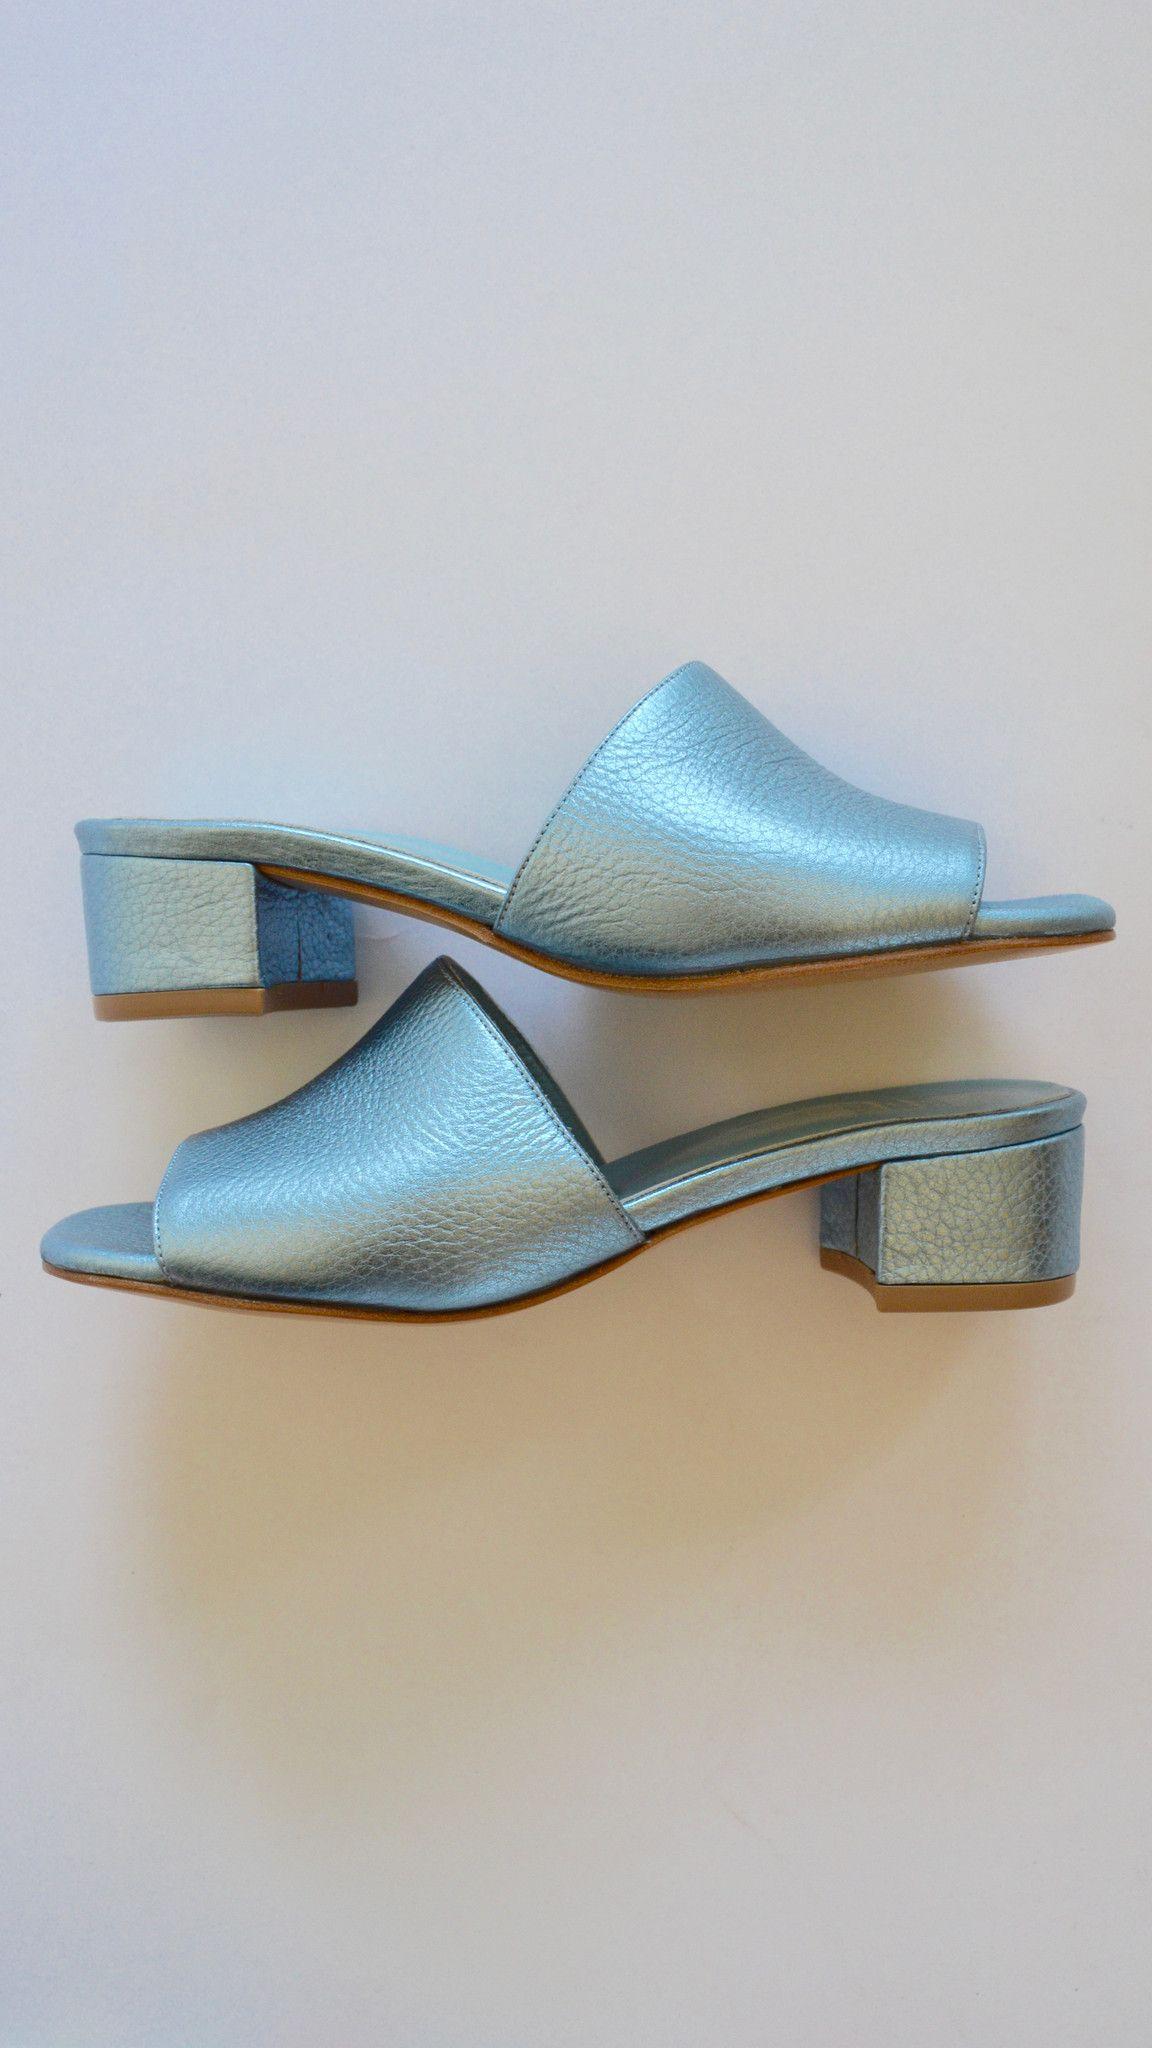 989fb56dcb5 Maryam Nassir Zadeh Sophie Slide in Ocean Metallic Texture on ...